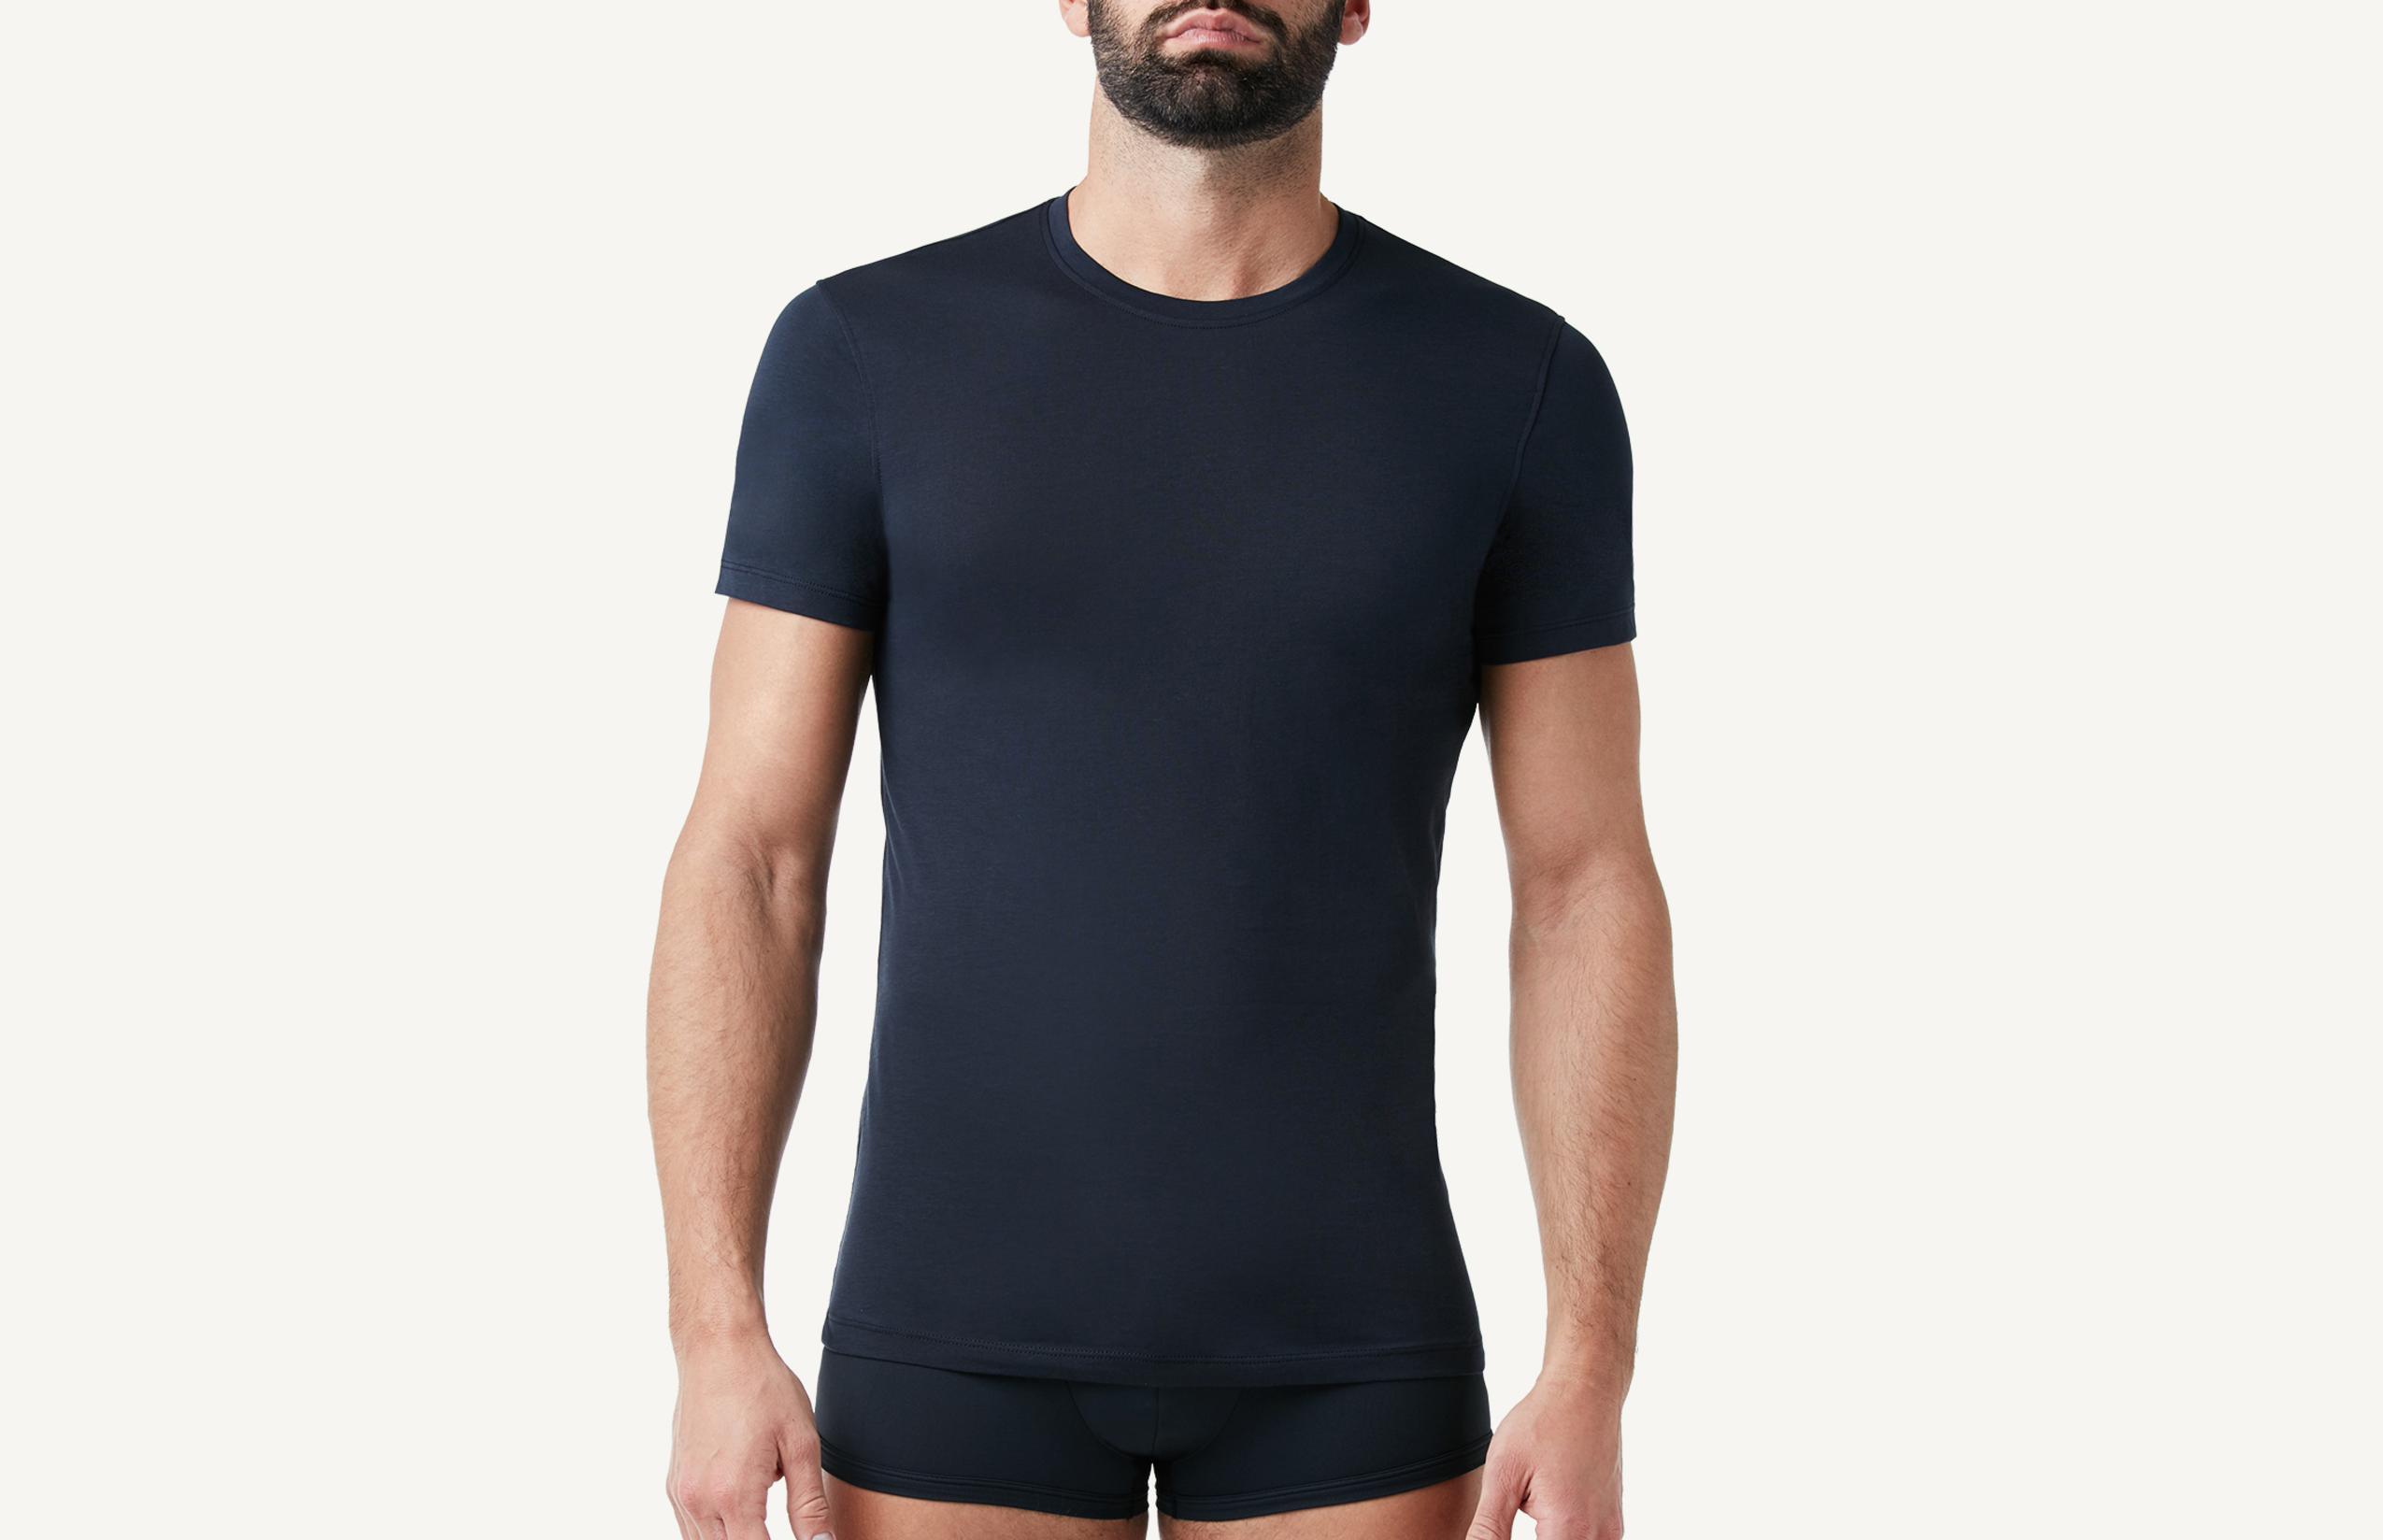 intimissimi - Kurzarm-T-Shirt mit Rundhalsausschnitt aus Supima®-Baumwolle Extrafein